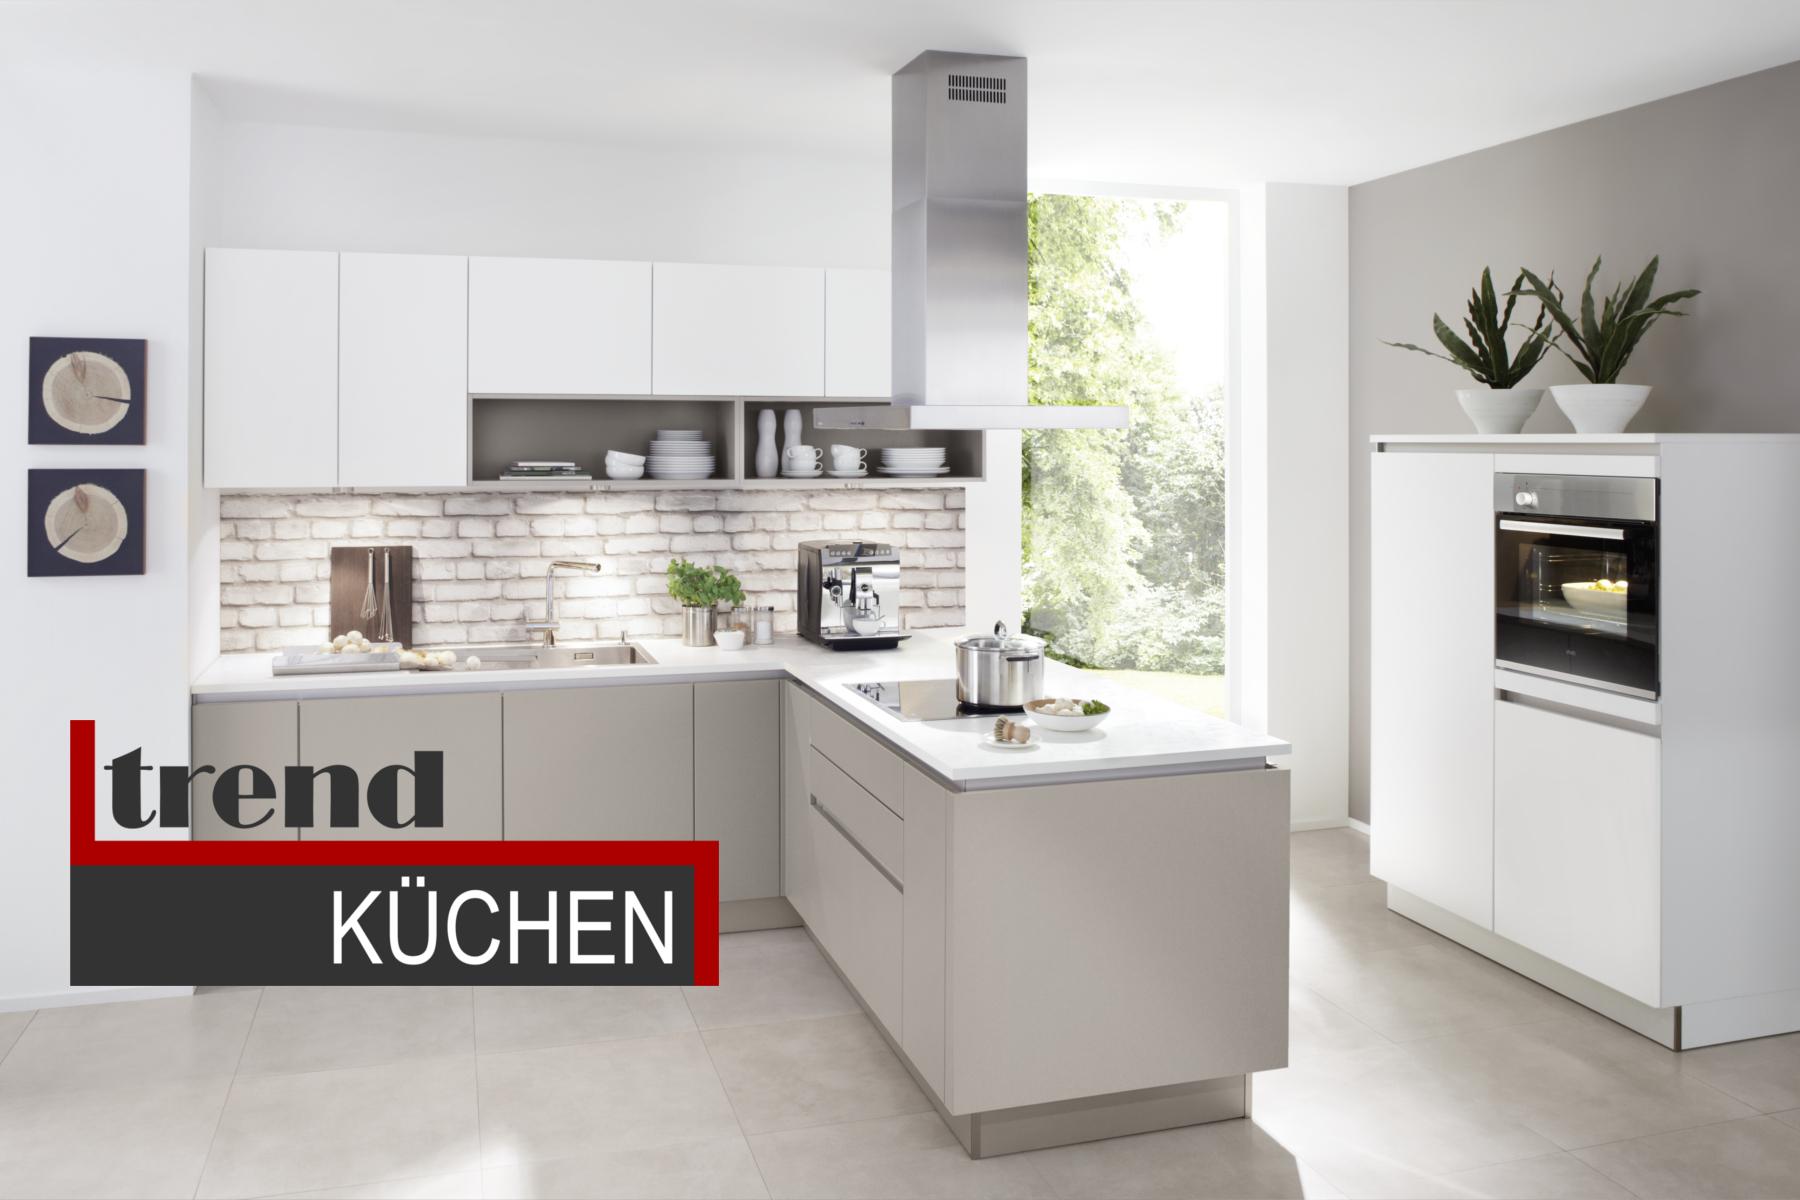 Trend küchen og   wien: referenzen